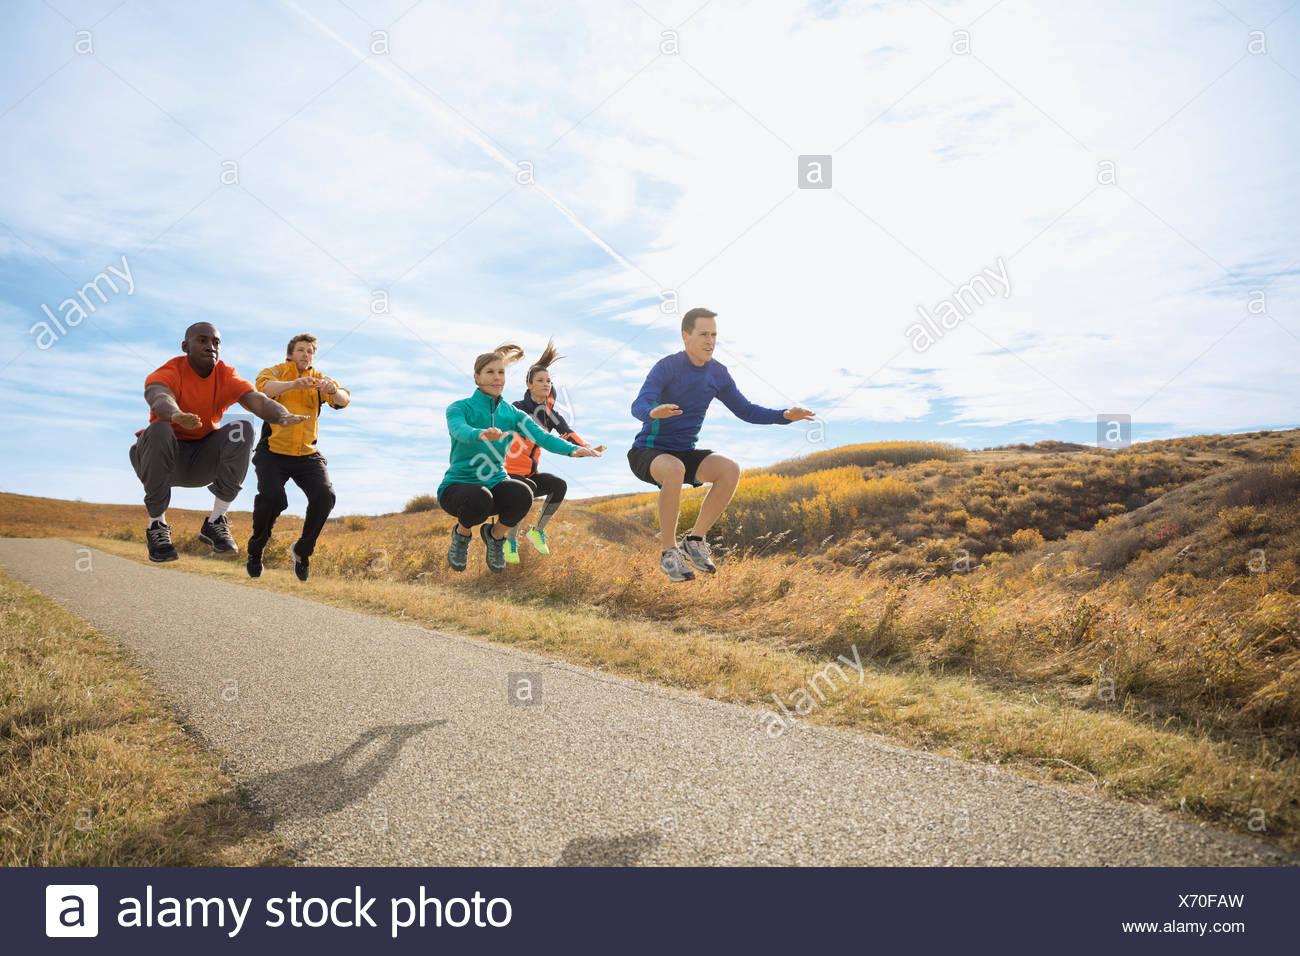 Fitness-Gruppe auf ländlichen Weg springen Stockbild